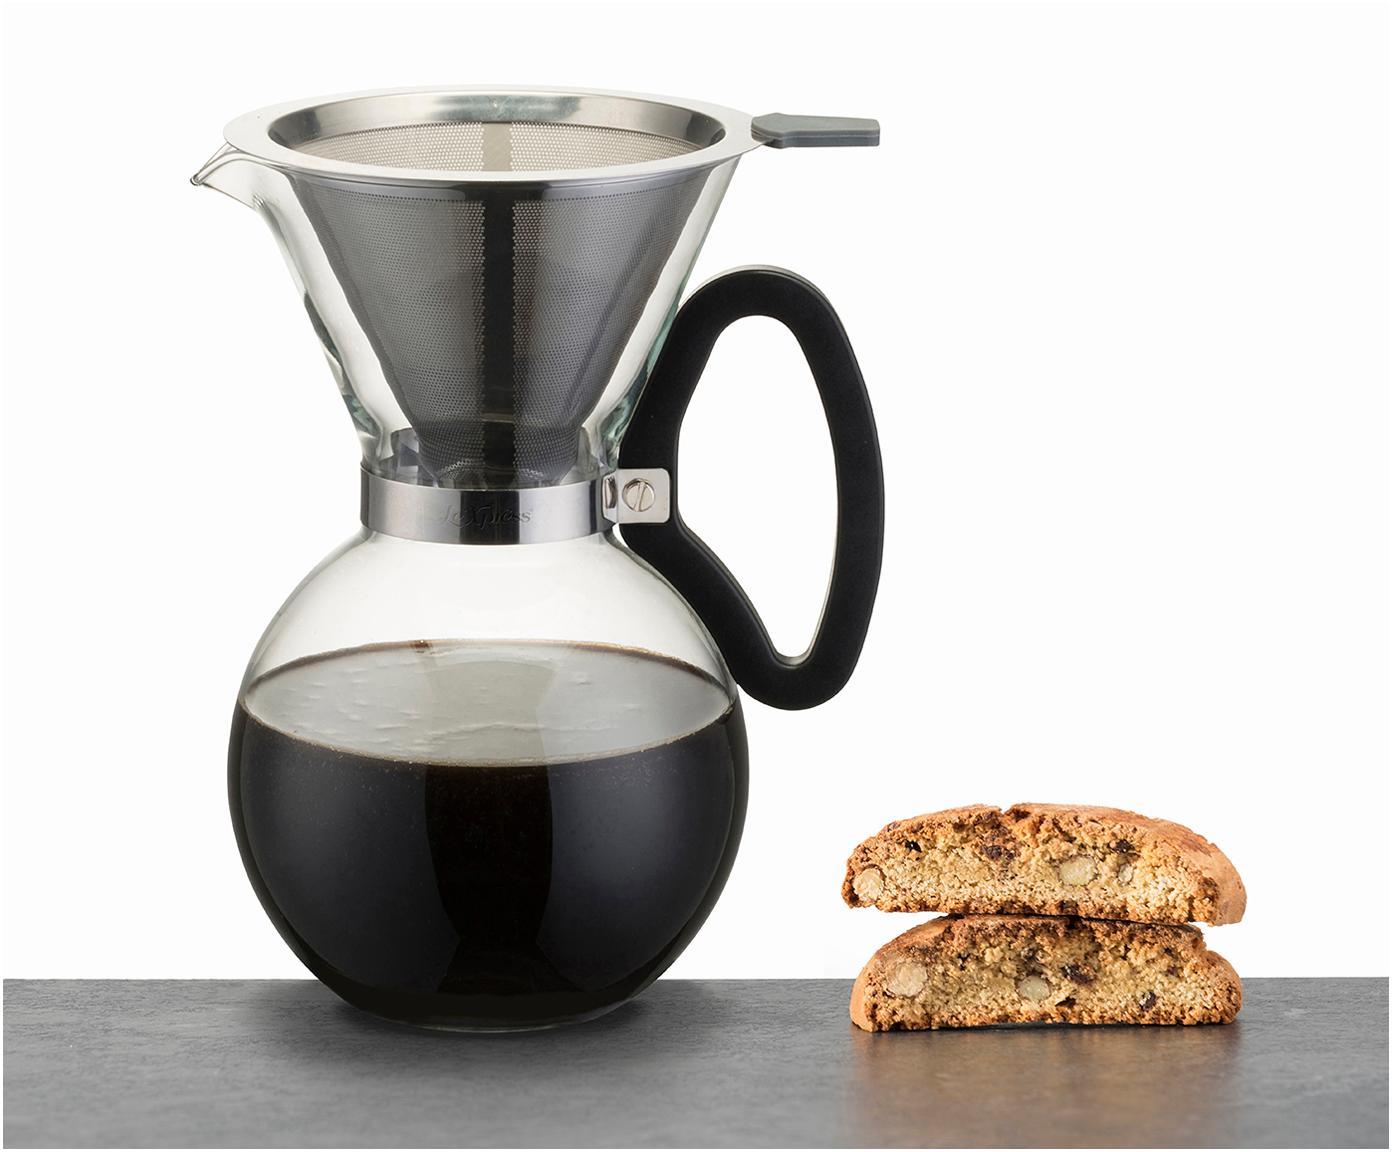 Kaffeezubereiter Daisy aus Glas mit abnehmbaren Filteraufsatz, Kanne: Borosilikatglas, Griff: Kunststoff (ABS), Filter und Befestigung: Edelstahl, Transparent, Edelstahl, 1 L